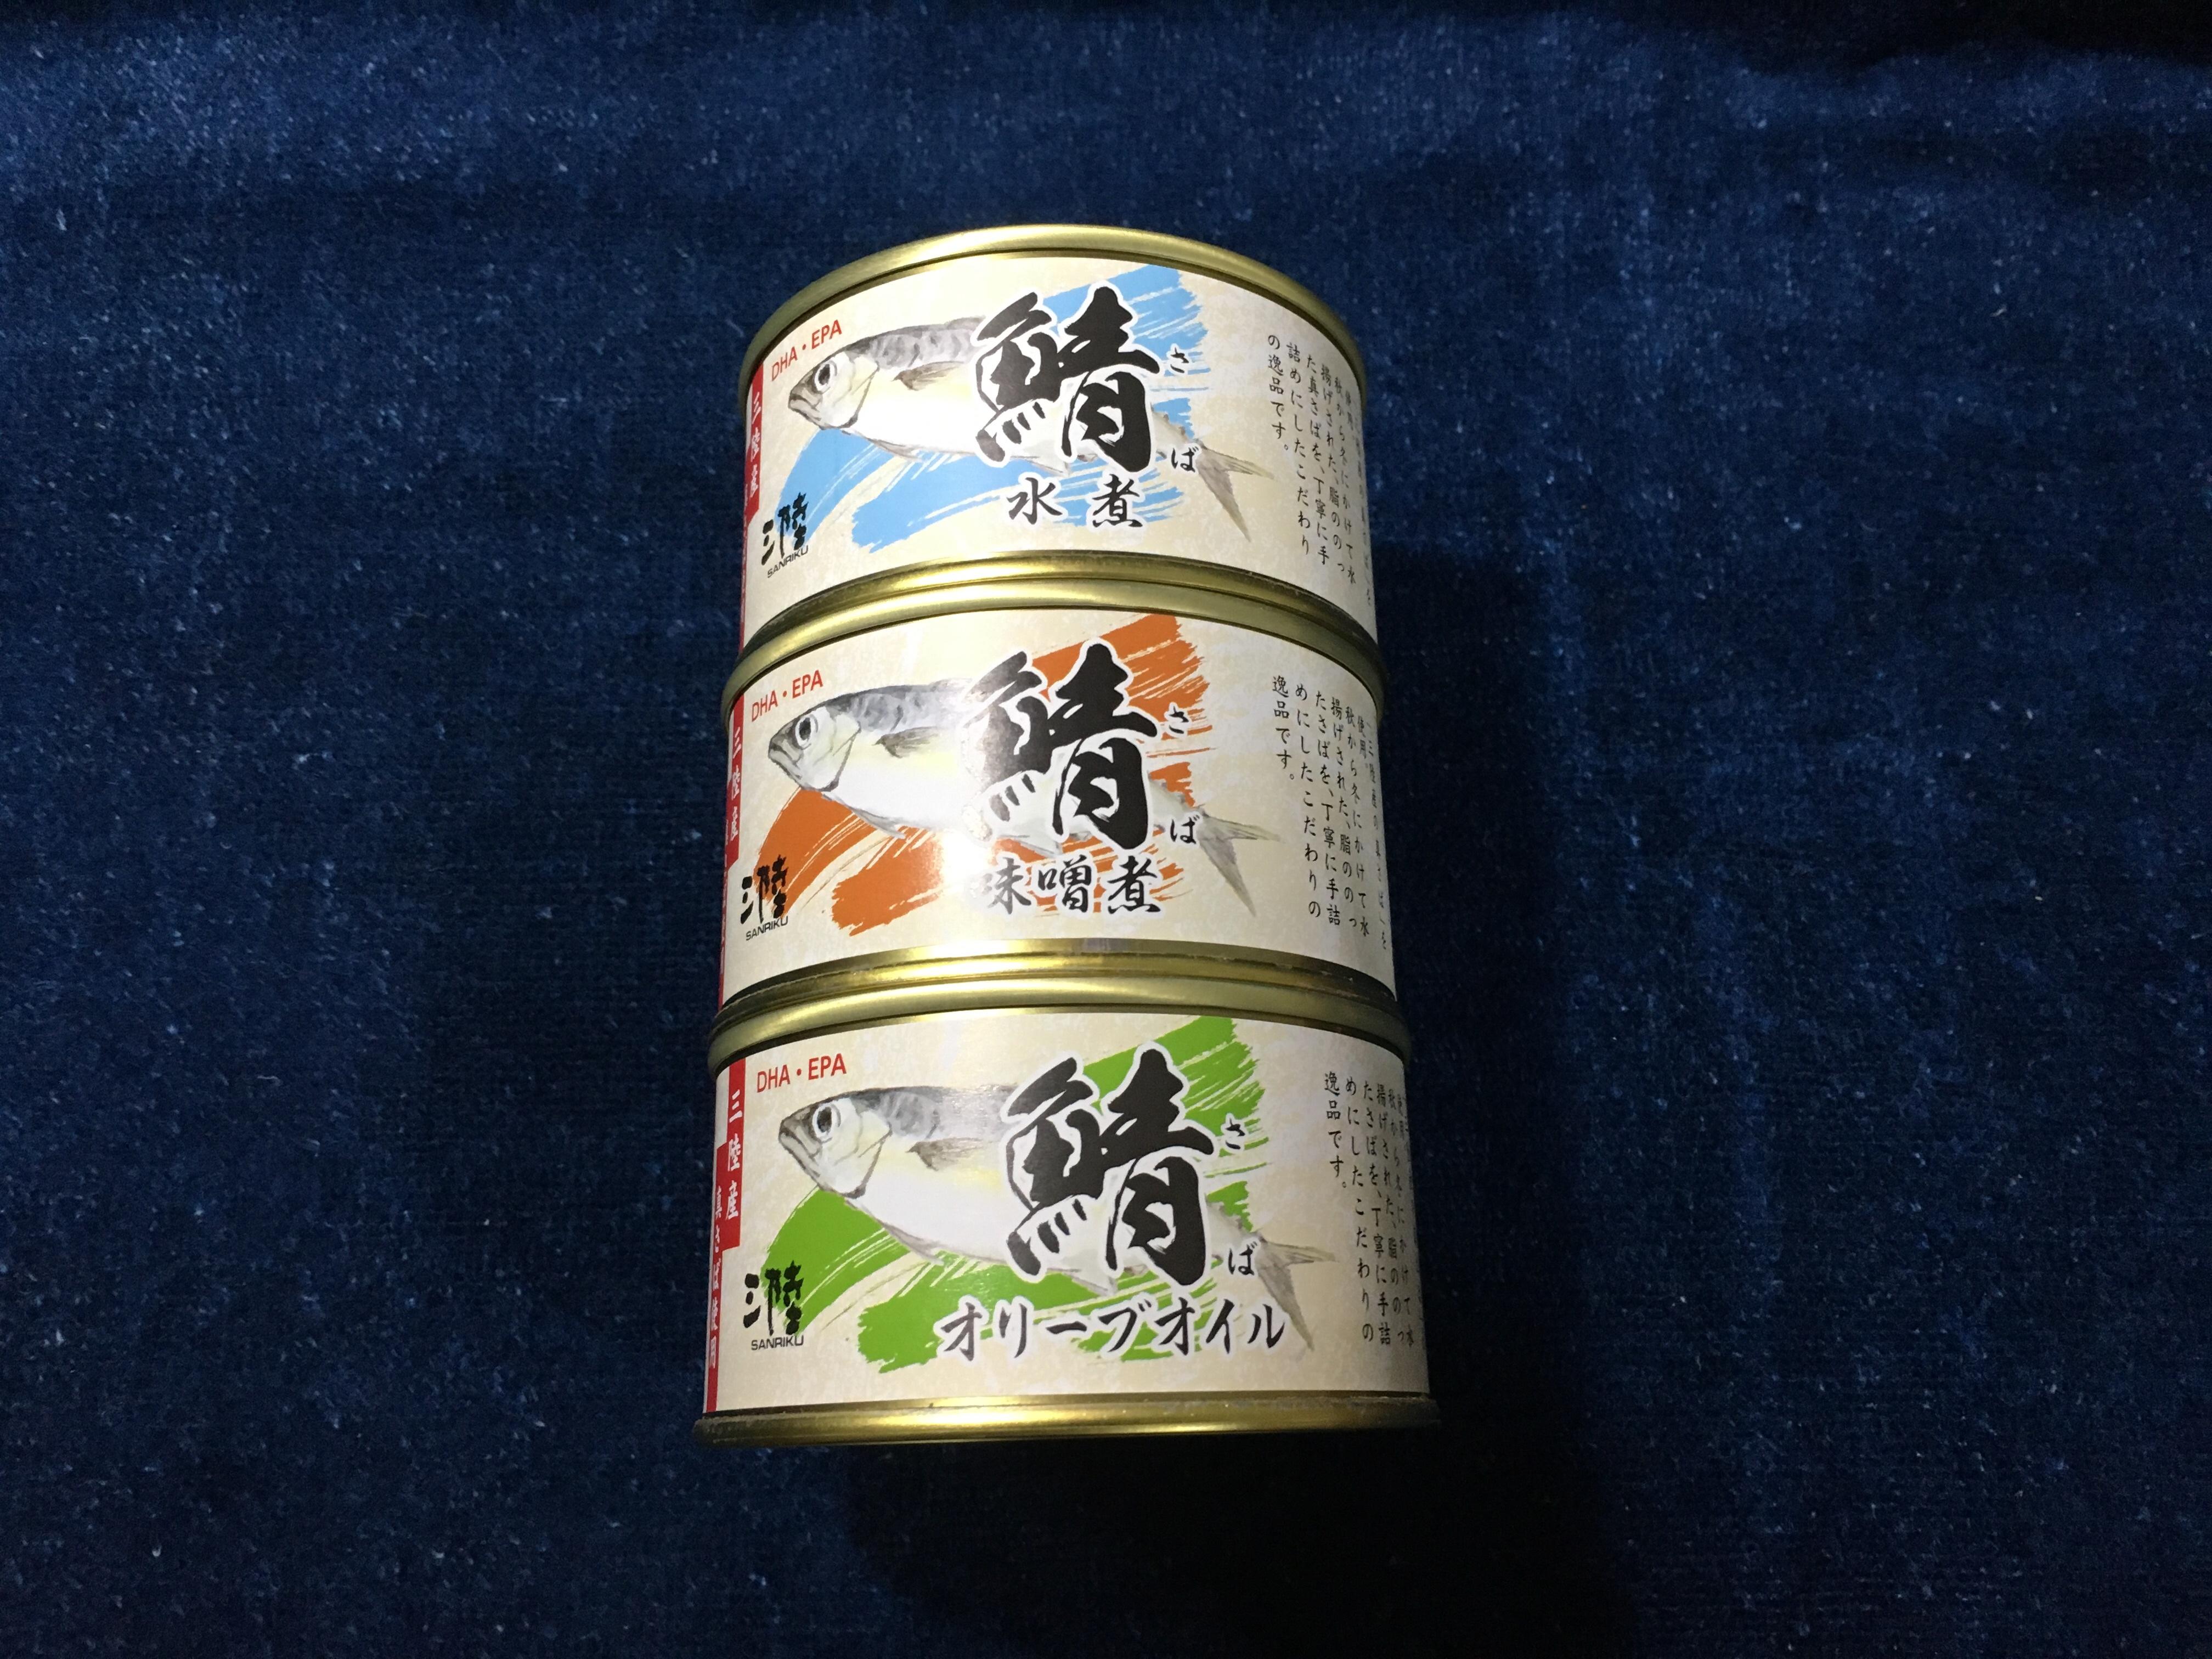 気仙沼ほてい 鯖 オリーブオイル 水煮 味噌煮